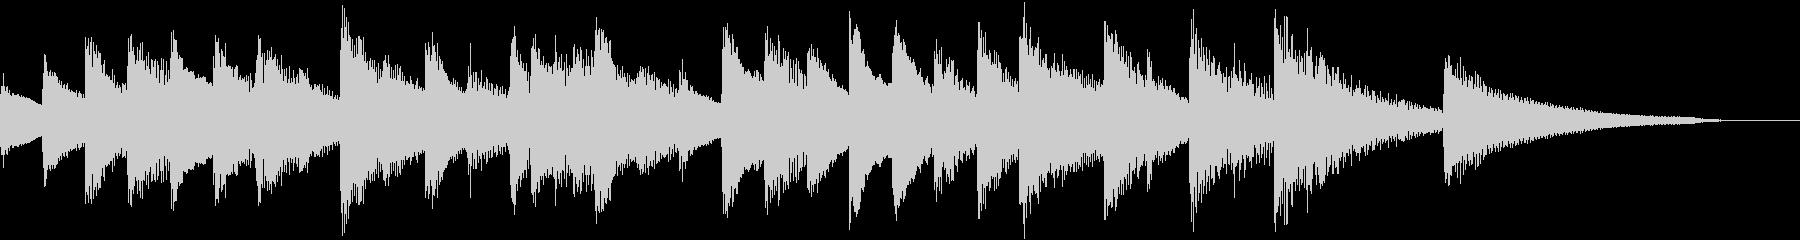 懐かしく淡いメロディのピアノジングルの未再生の波形